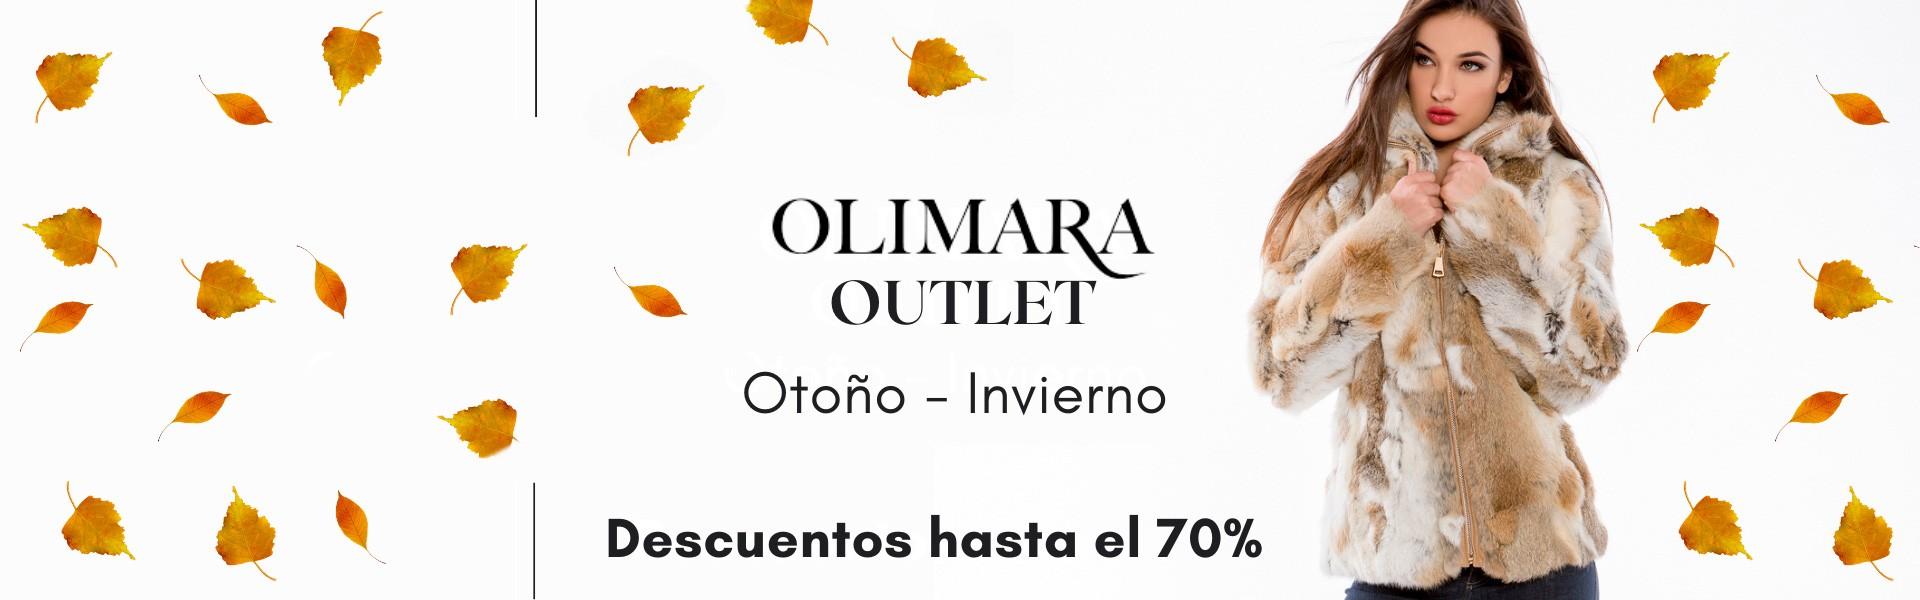 Olimara Outlet Otoño-Invierno 2020